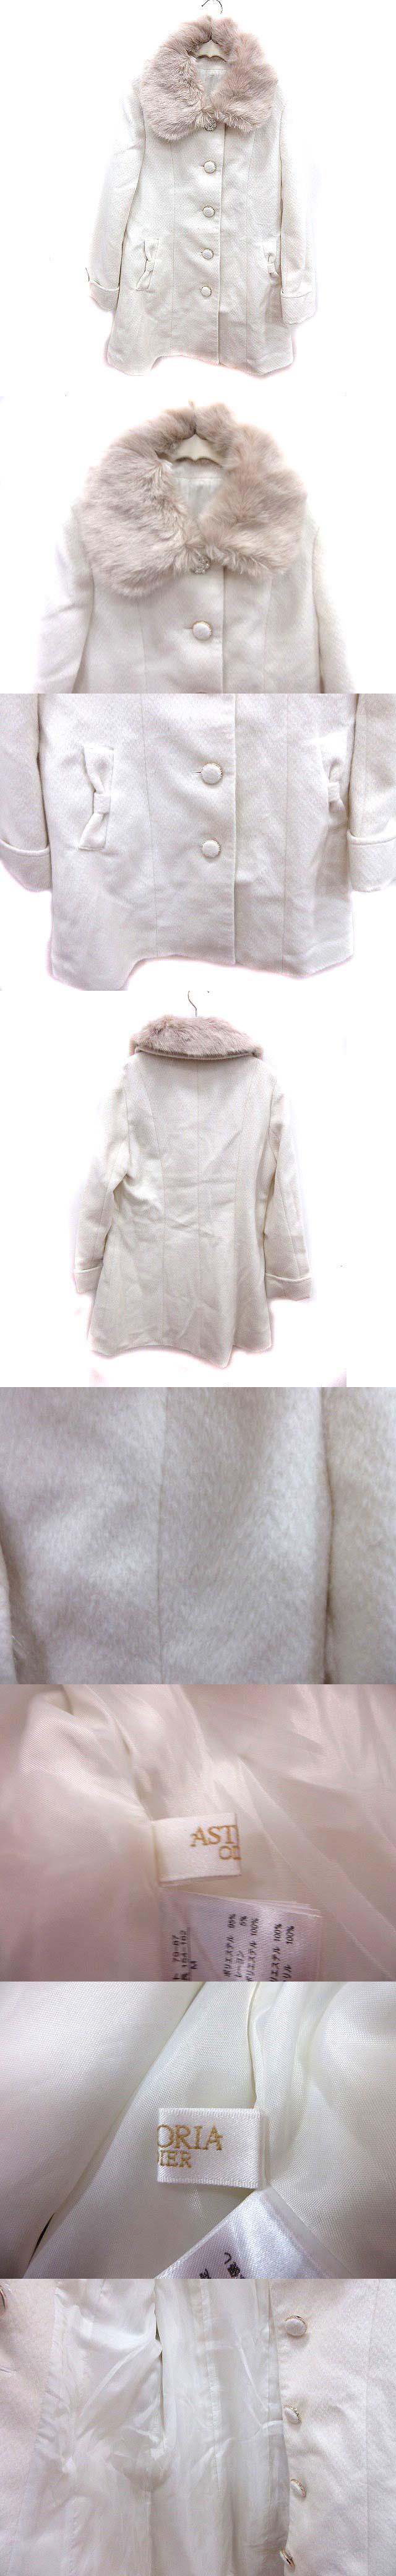 アストリア ASTORLA コート ステンカラー M 白 ホワイト /YI